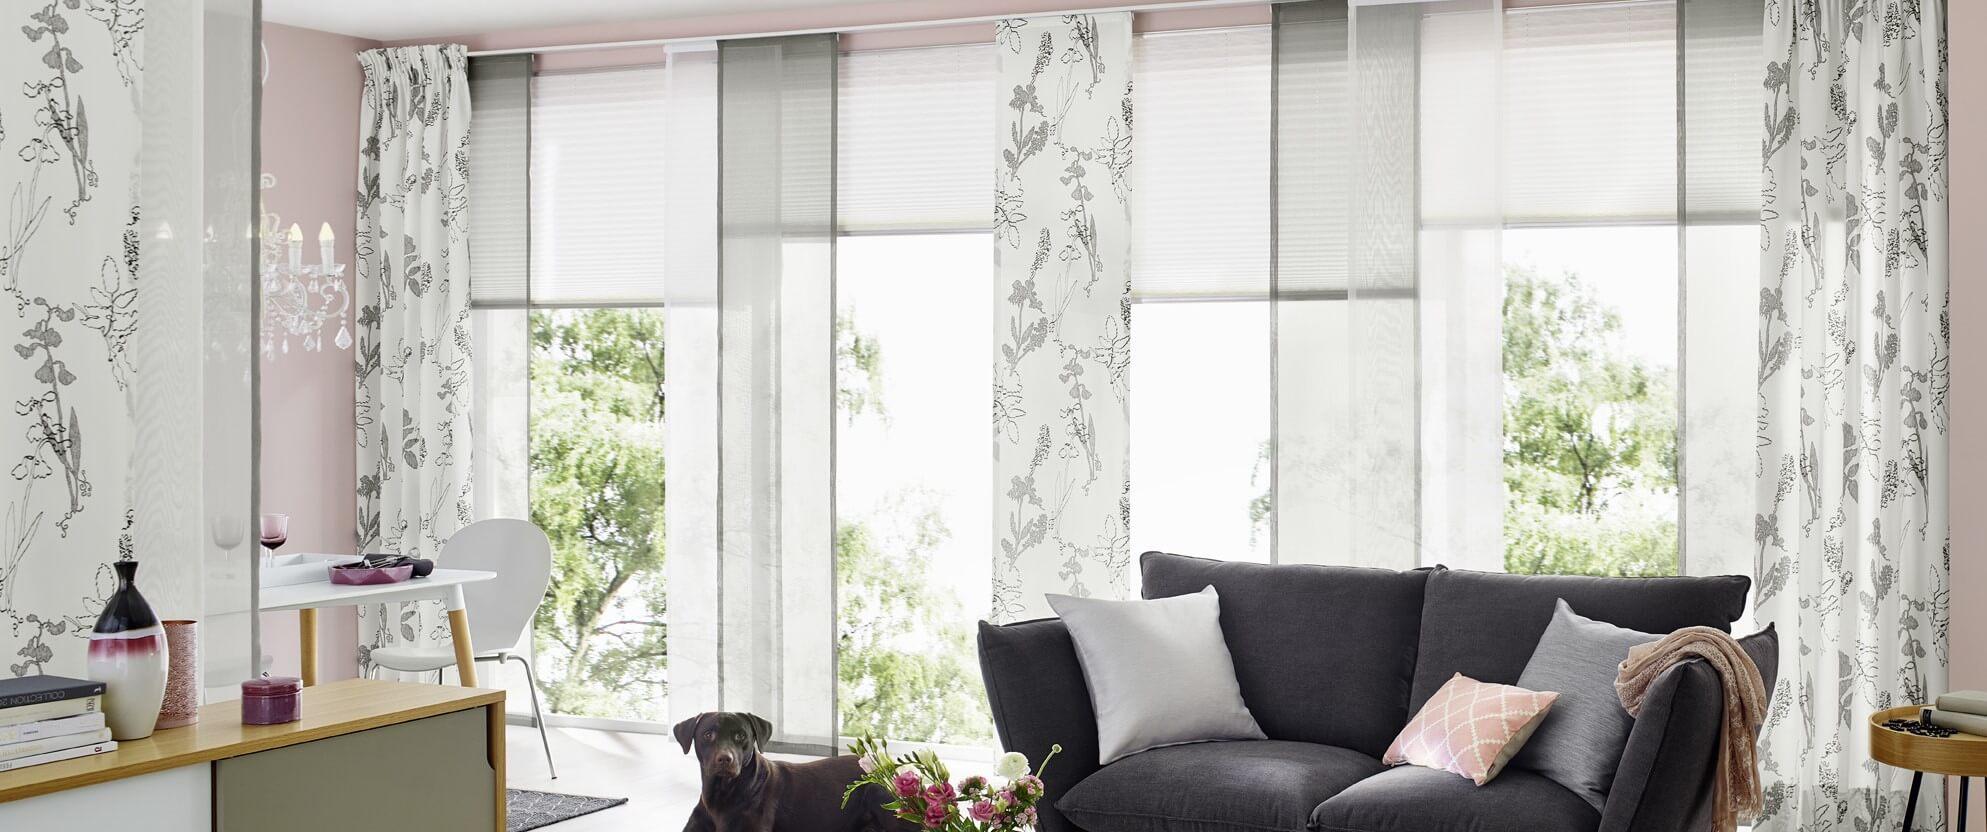 Full Size of Modern Vorhänge Gardinen Vorhnge Online Kaufen Stilvolle Auswahl Bei Trendgardin Modernes Bett 180x200 Deckenlampen Wohnzimmer Schlafzimmer Bilder Moderne Wohnzimmer Modern Vorhänge